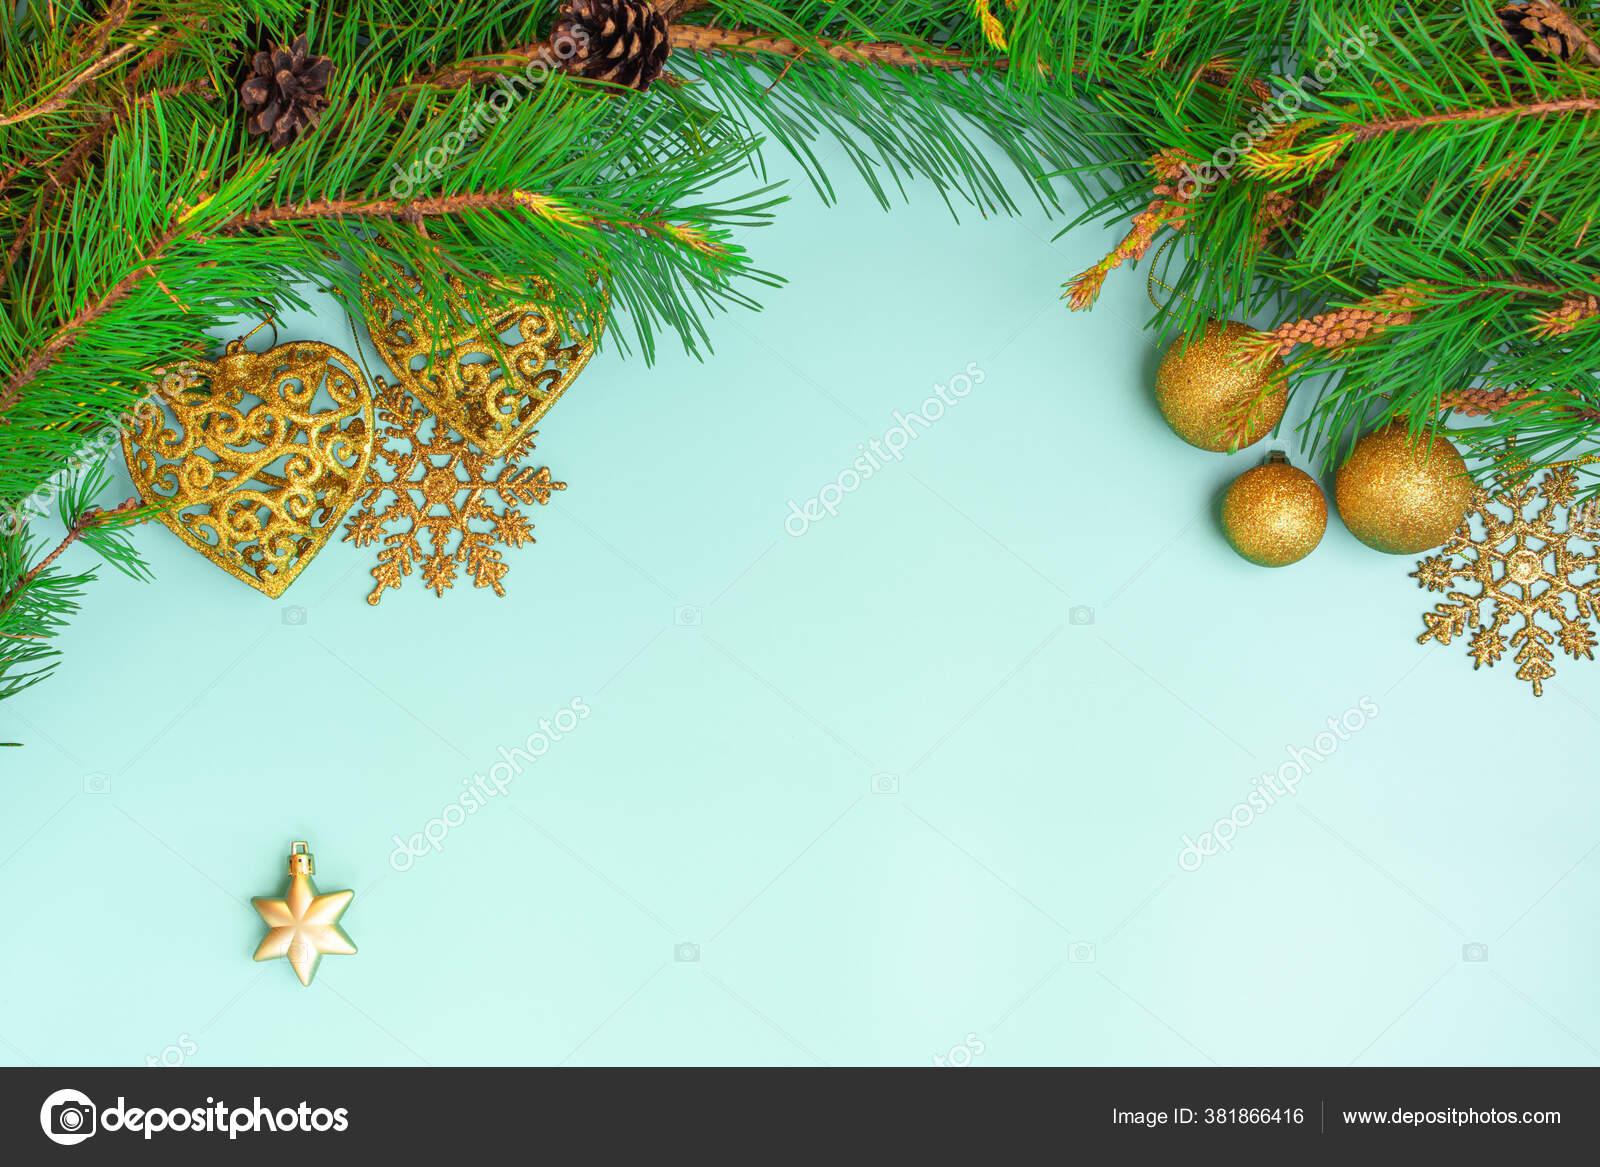 Dekorasi Natal Pohon Natal Branch Bola Natal Dan Bintang Natal Stok Foto C Celt Sarmat Gmail Com 381866416